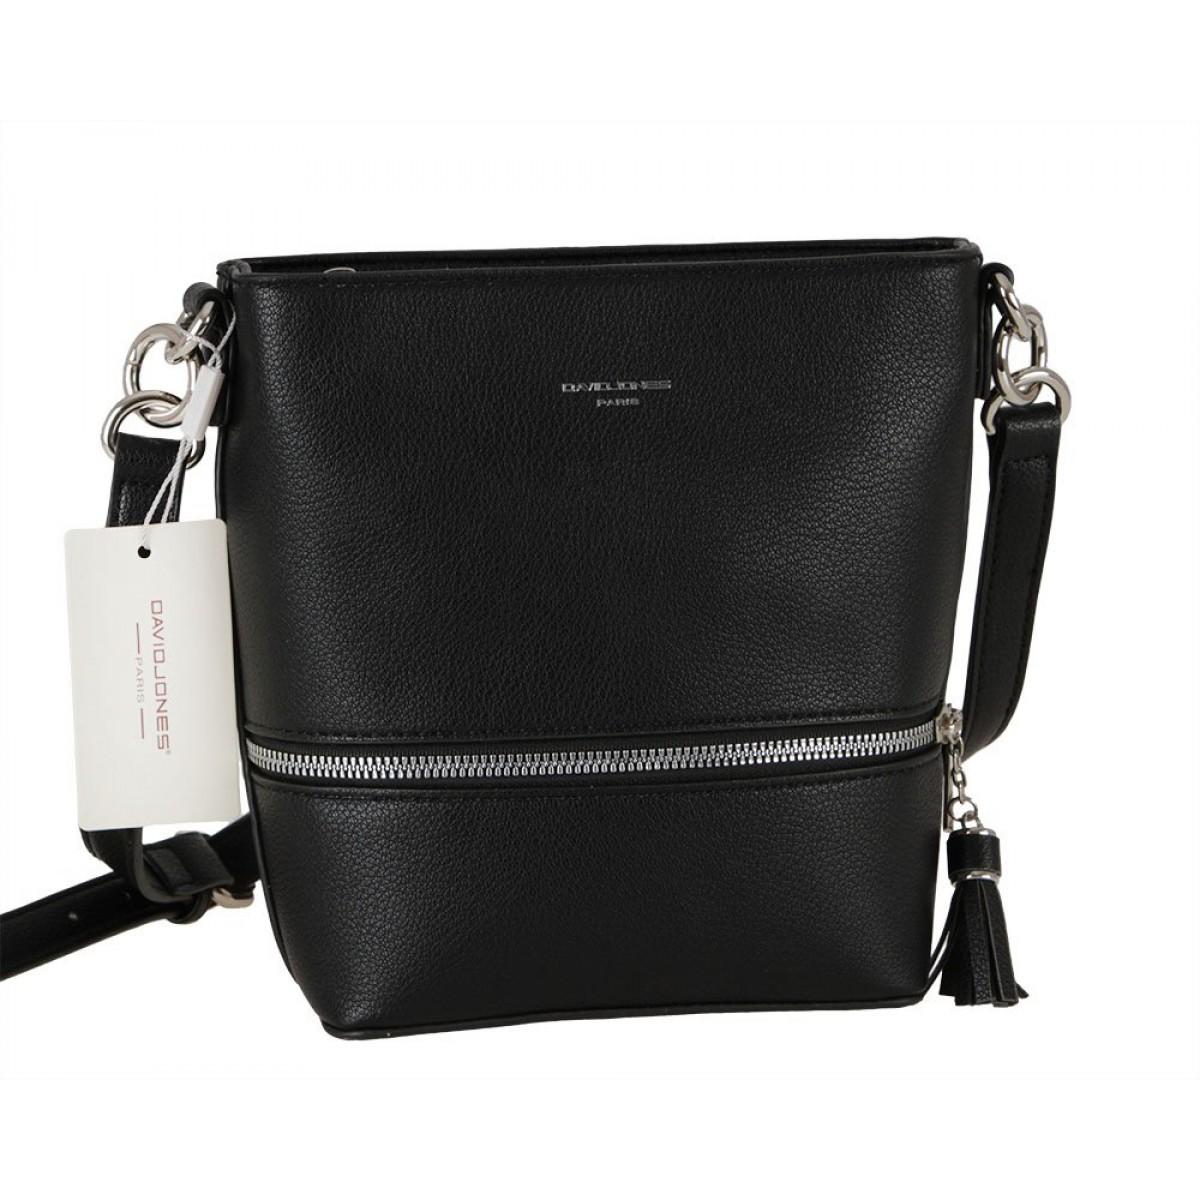 Жіноча сумка David Jones 6402-1 BLACK